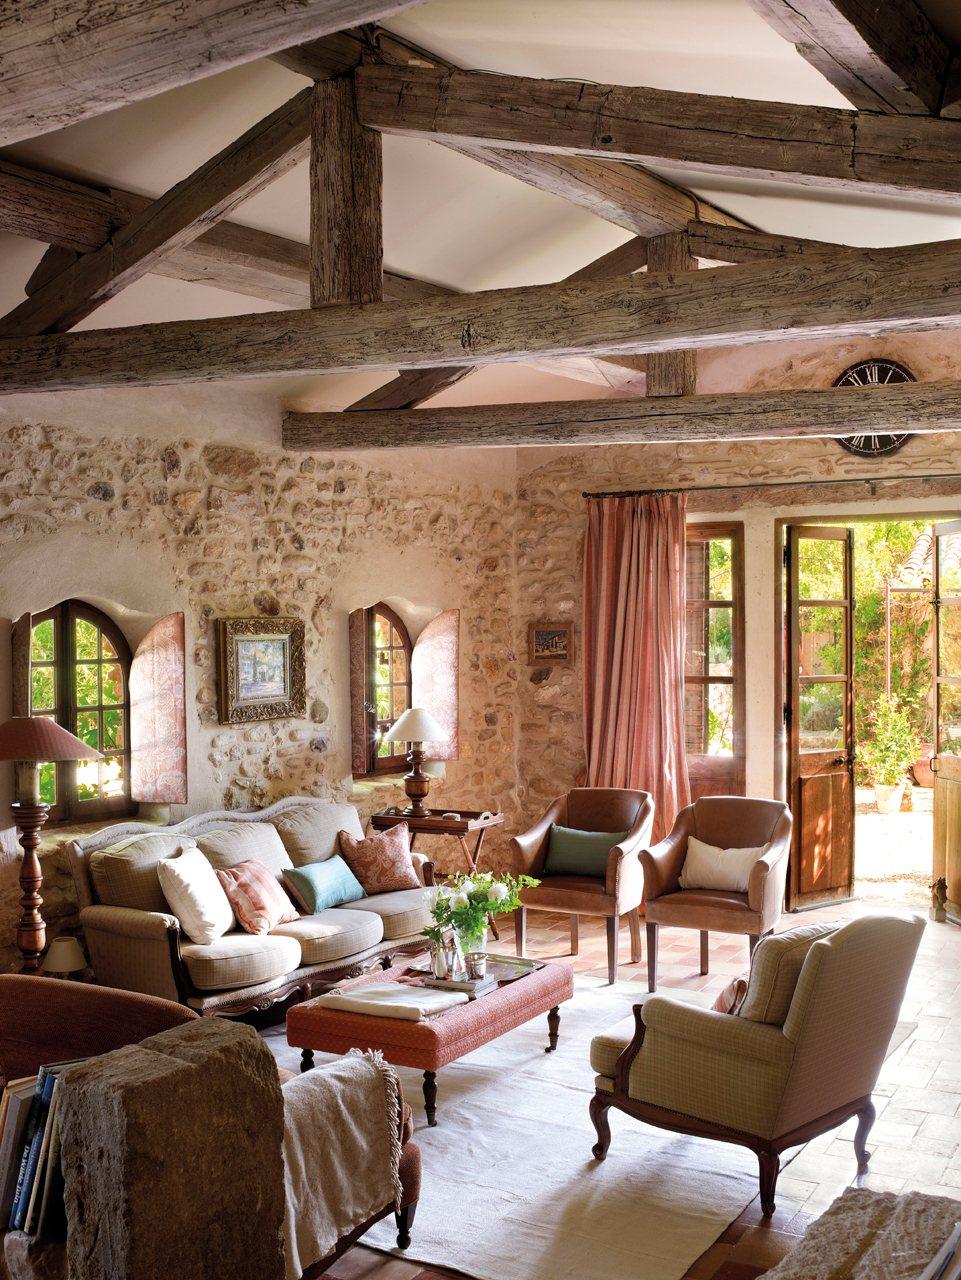 15 ideas para decorar salones r sticos - Decorar jardines rusticos ...